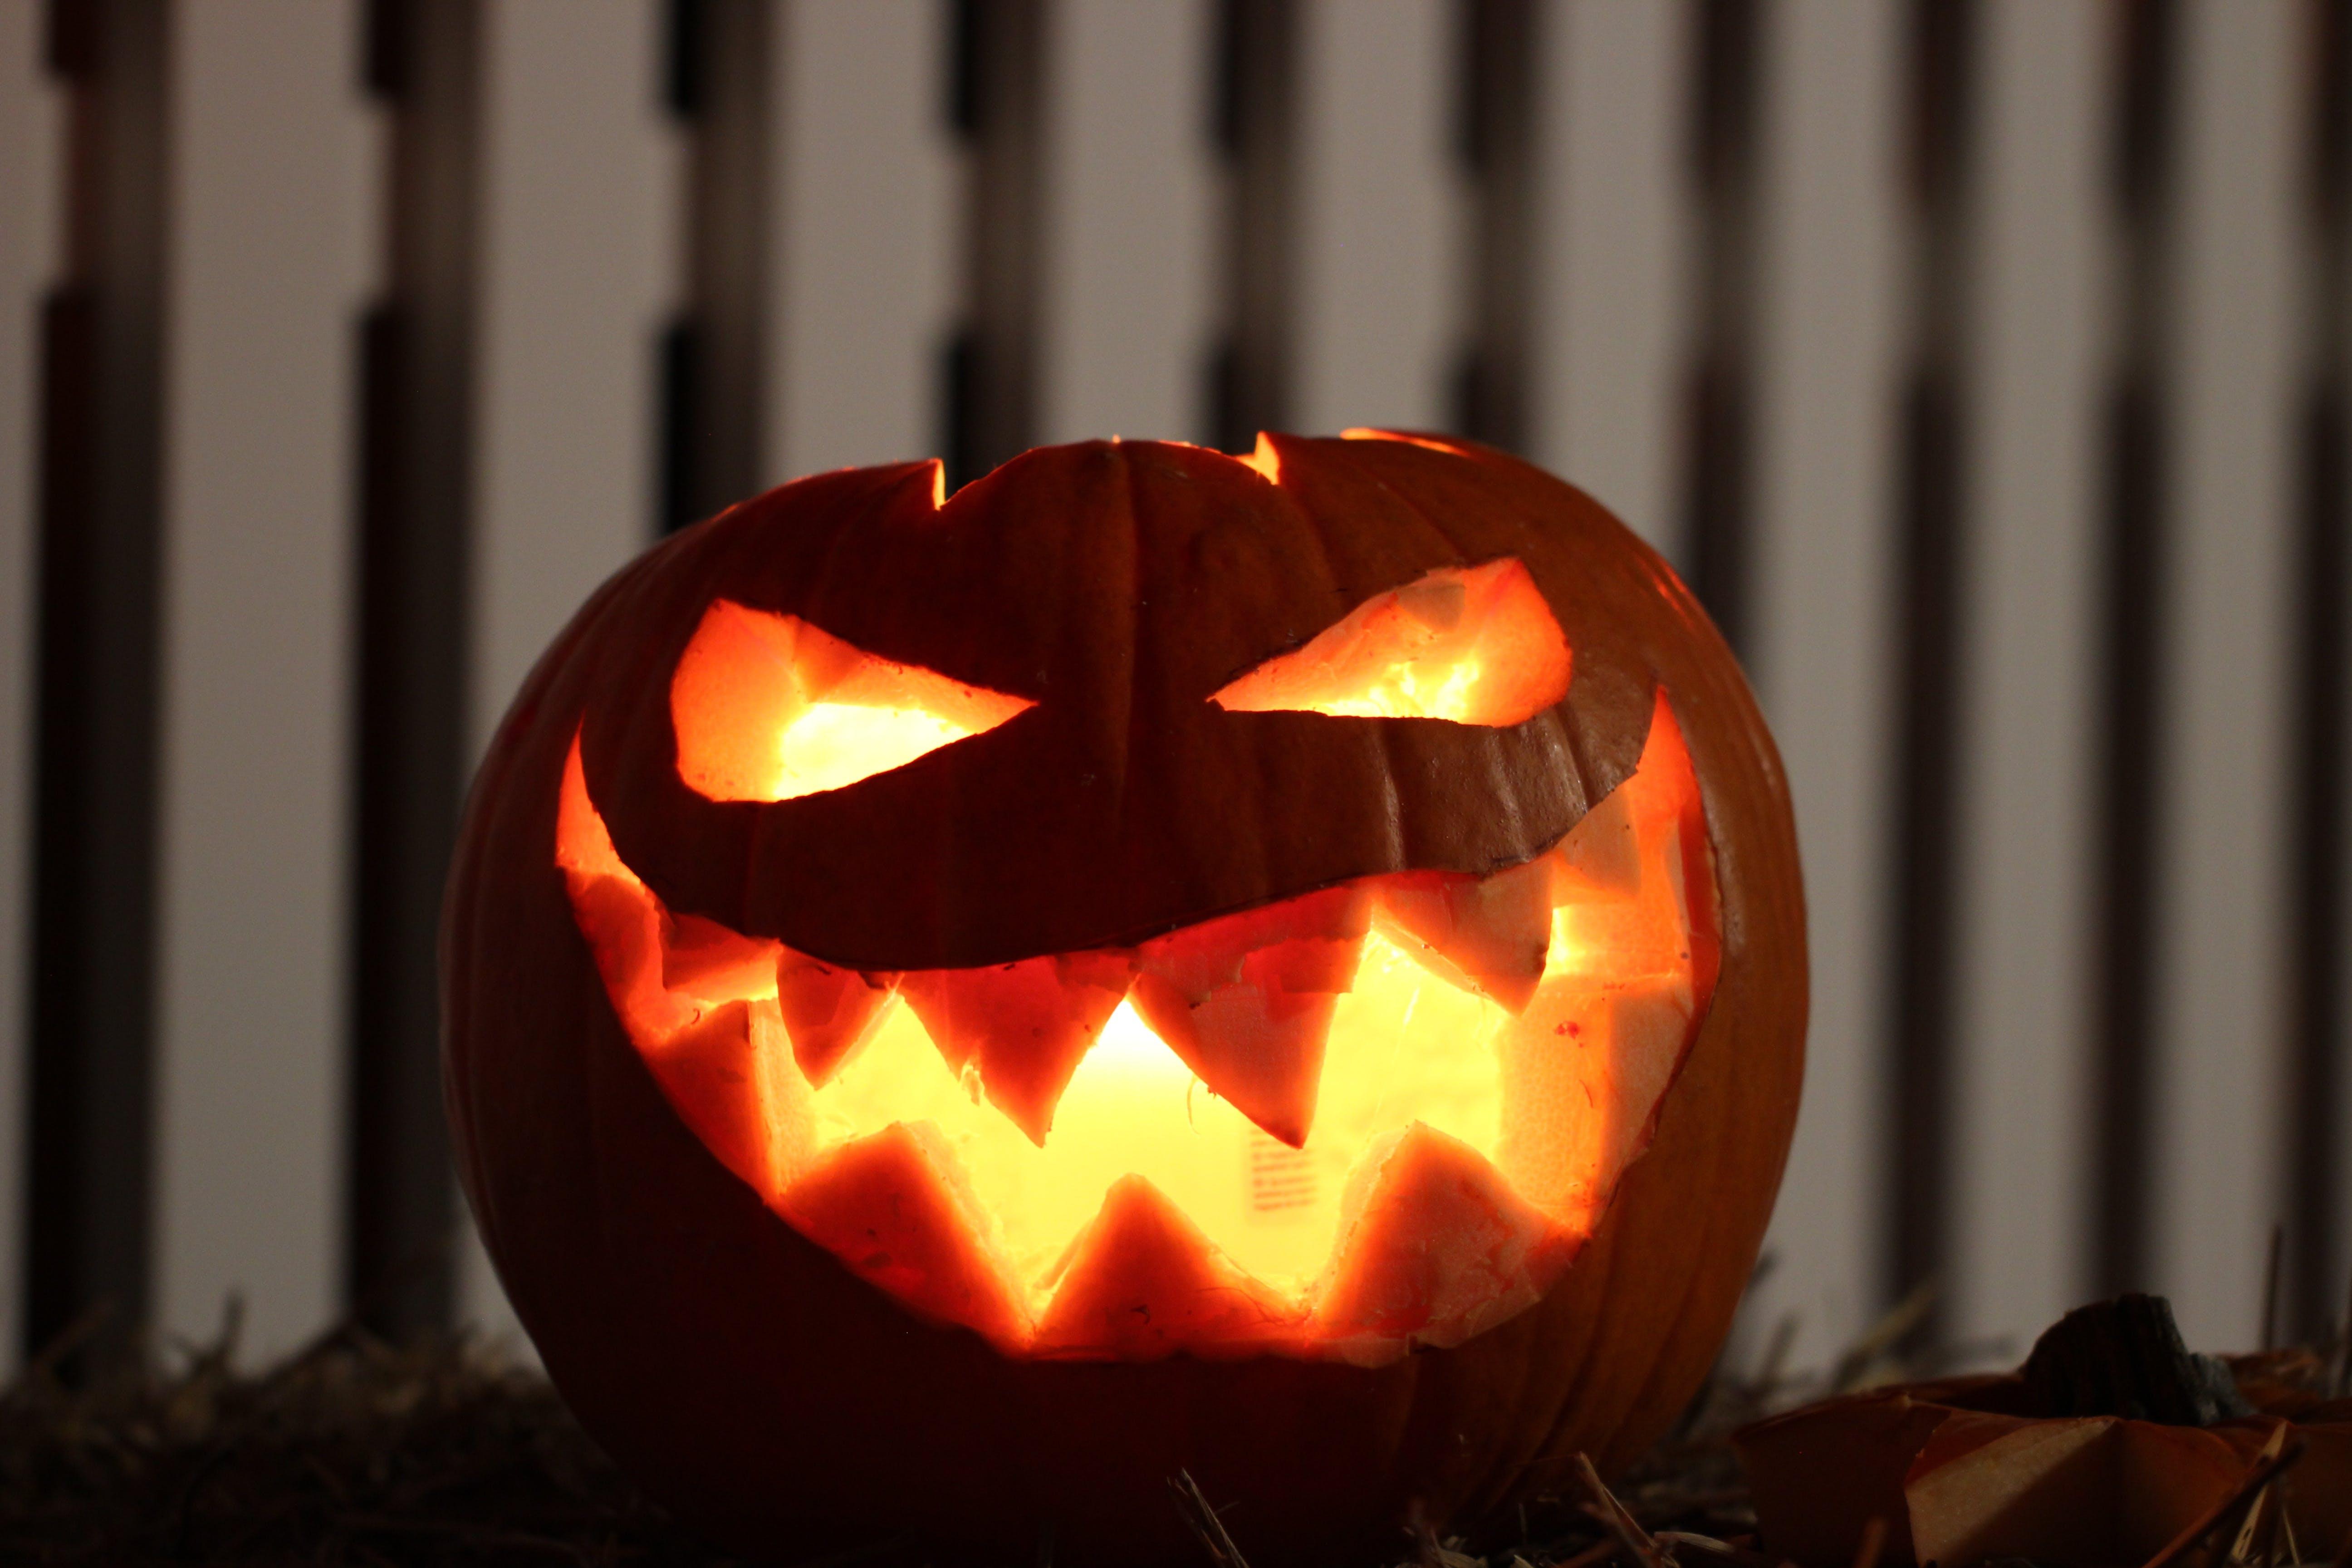 かぼちゃ, オレンジ, キャンドル, ジャックオーランタンの無料の写真素材